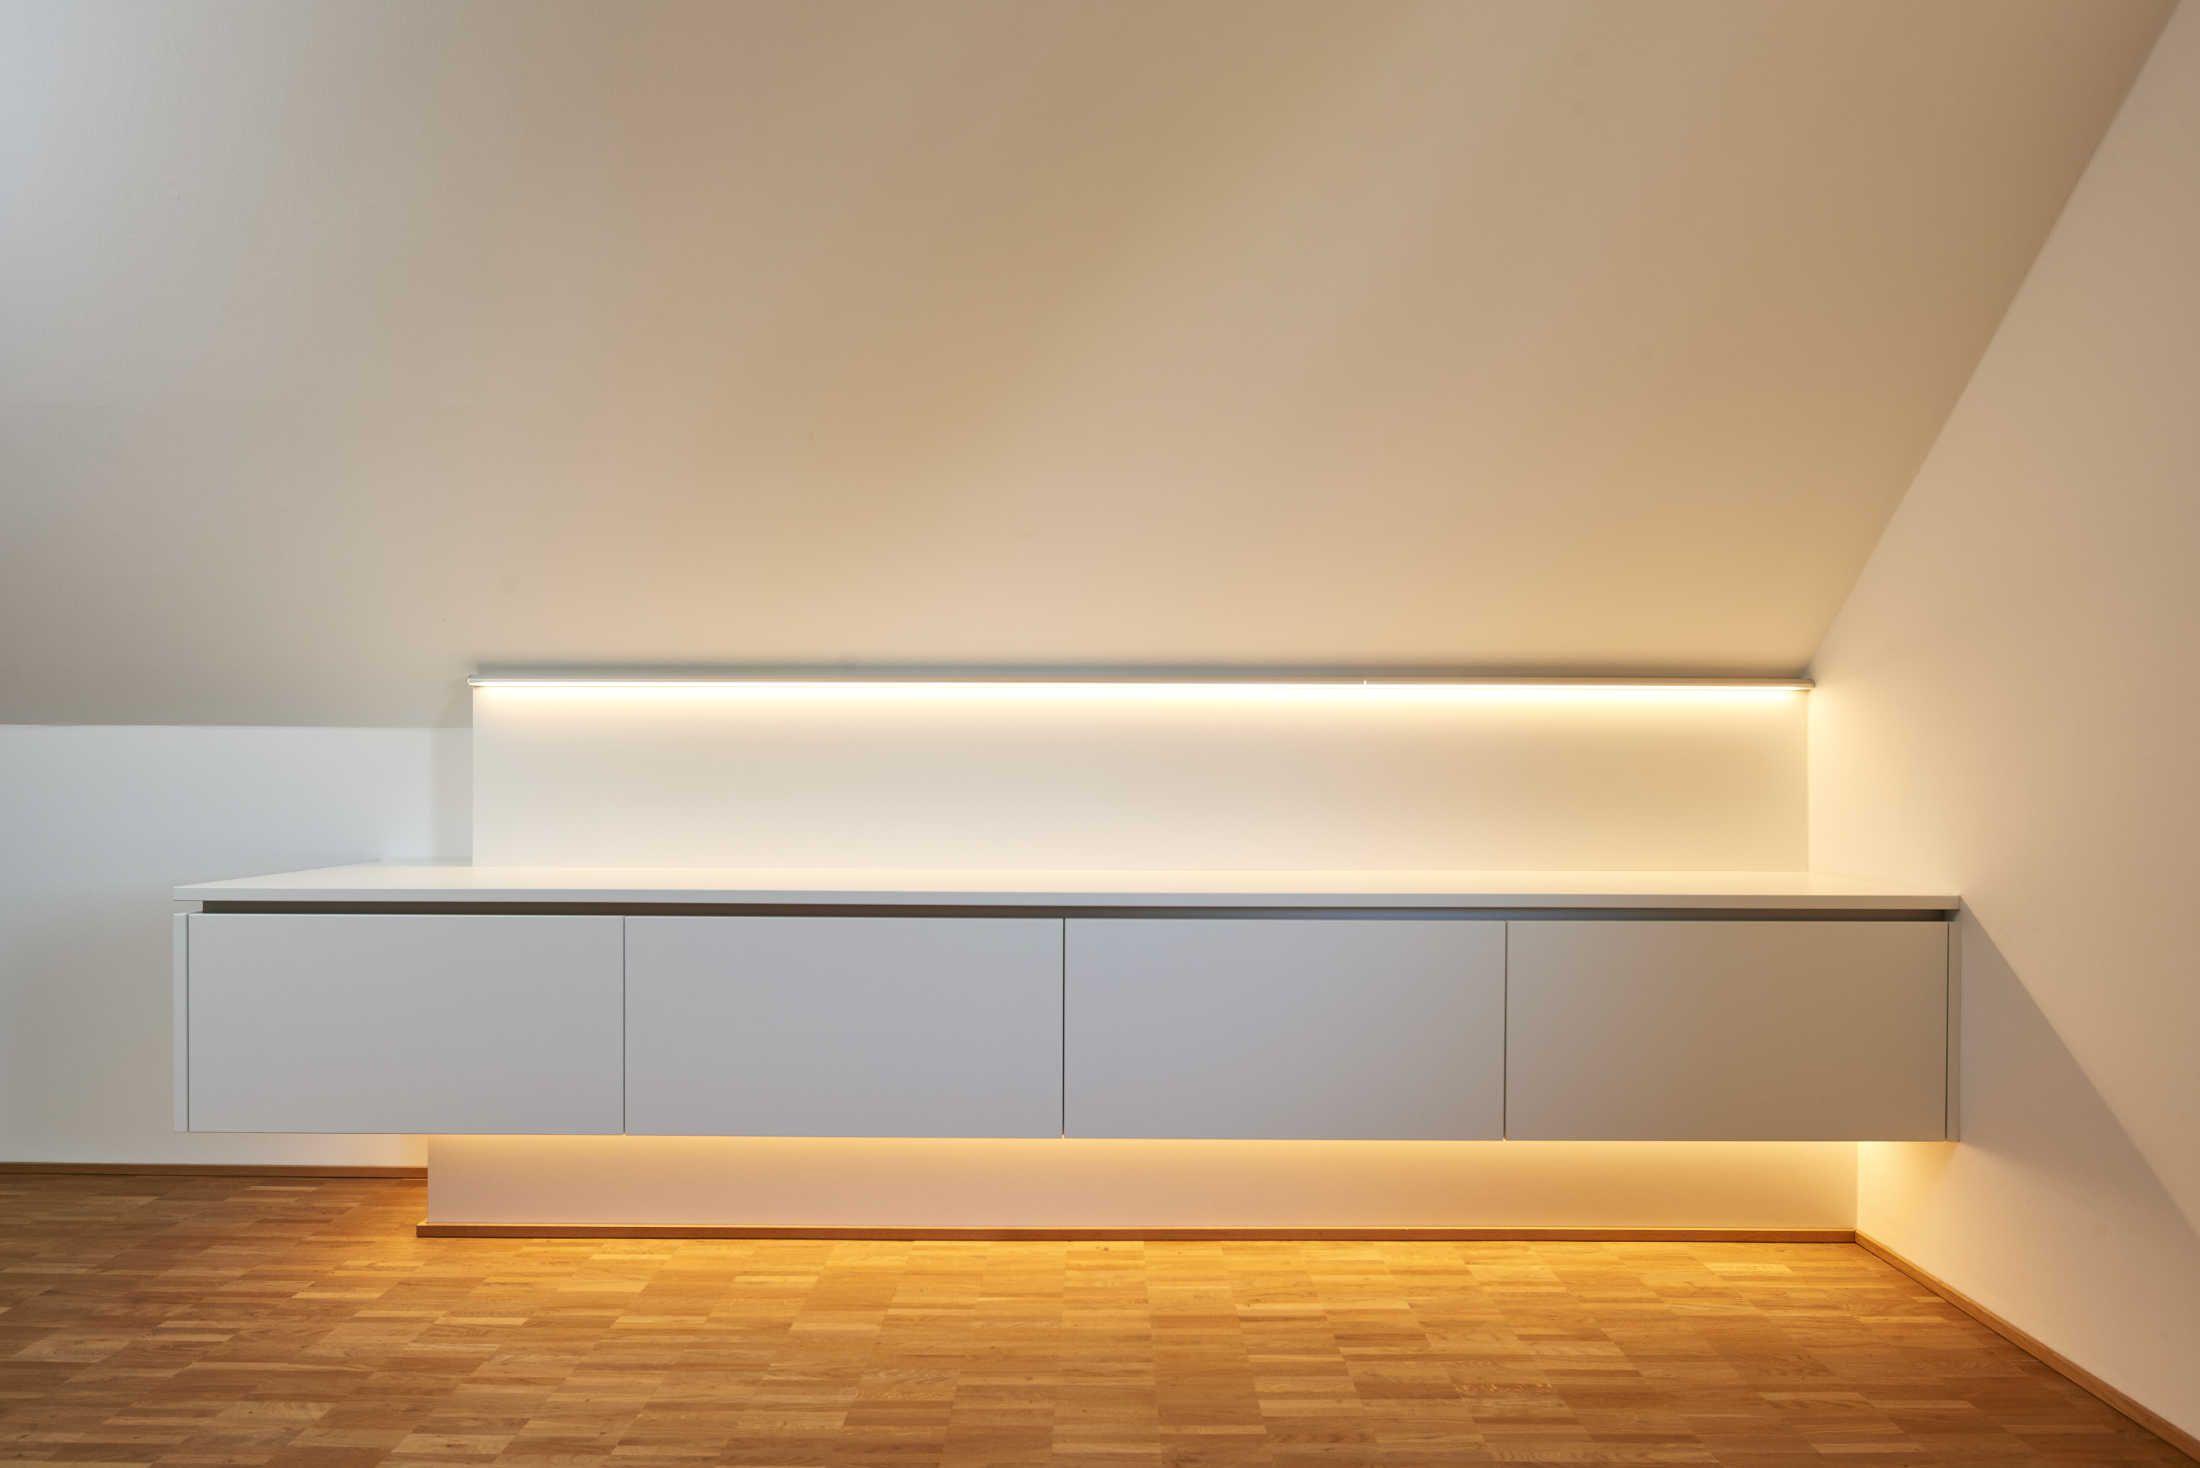 Diese Ankleide Unter Der Dachschrage Besticht Durch Ihr Schlichtes Design Das An Der Wand Montierte Of Ankleide Beleuchtung Dachschrage Indirekte Beleuchtung